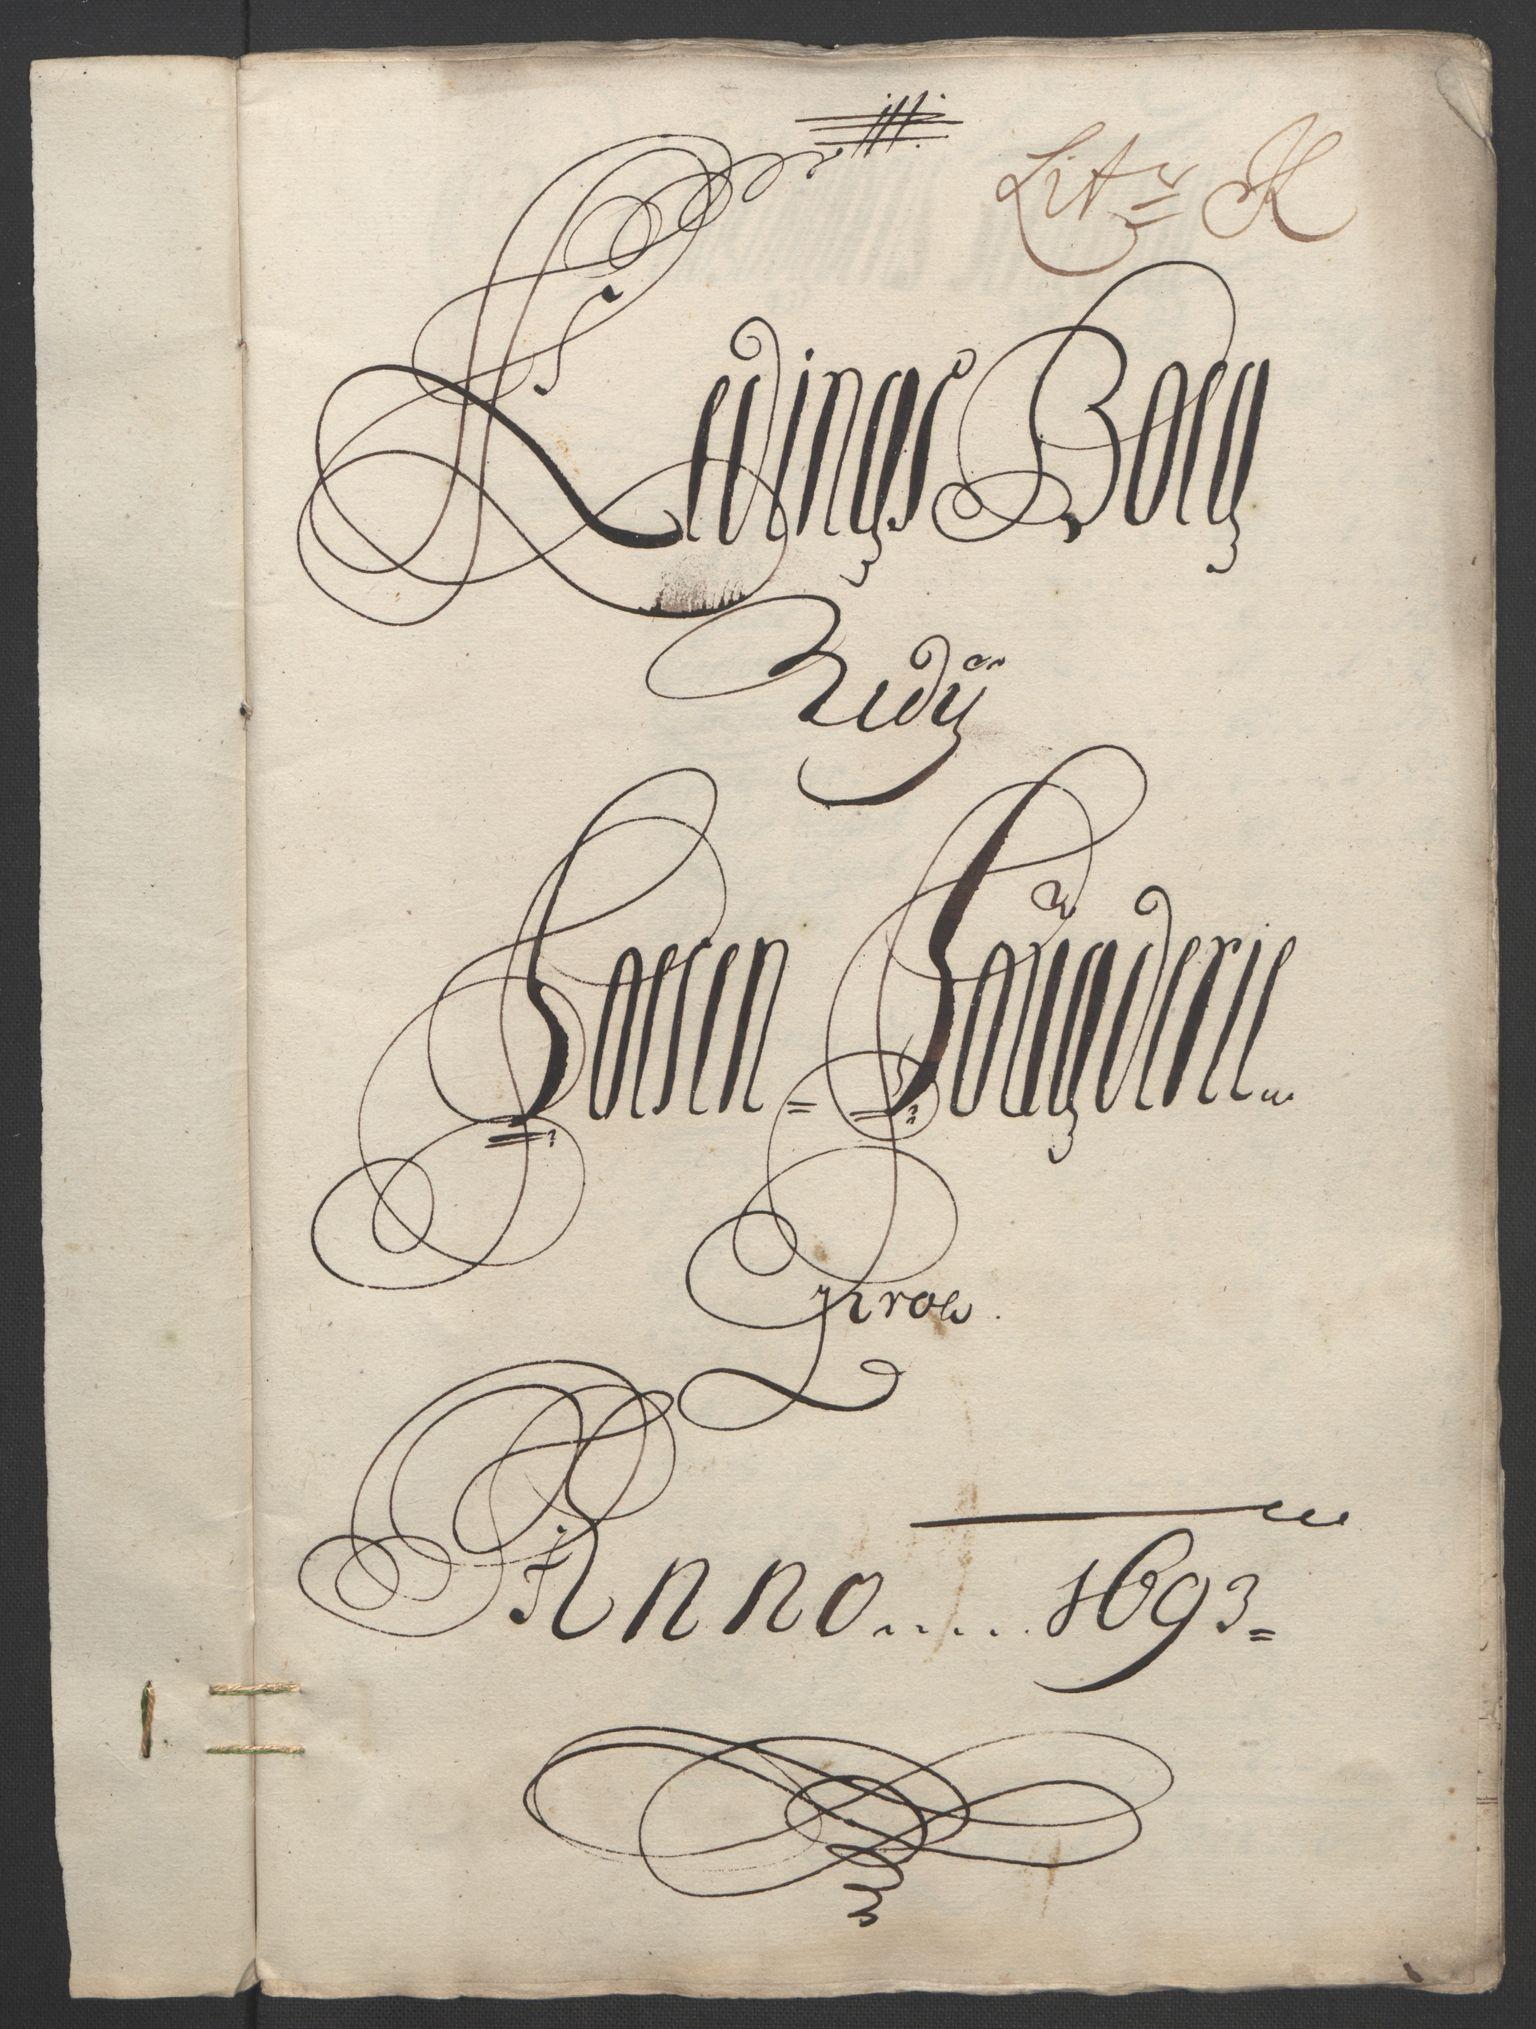 RA, Rentekammeret inntil 1814, Reviderte regnskaper, Fogderegnskap, R57/L3849: Fogderegnskap Fosen, 1692-1693, s. 532